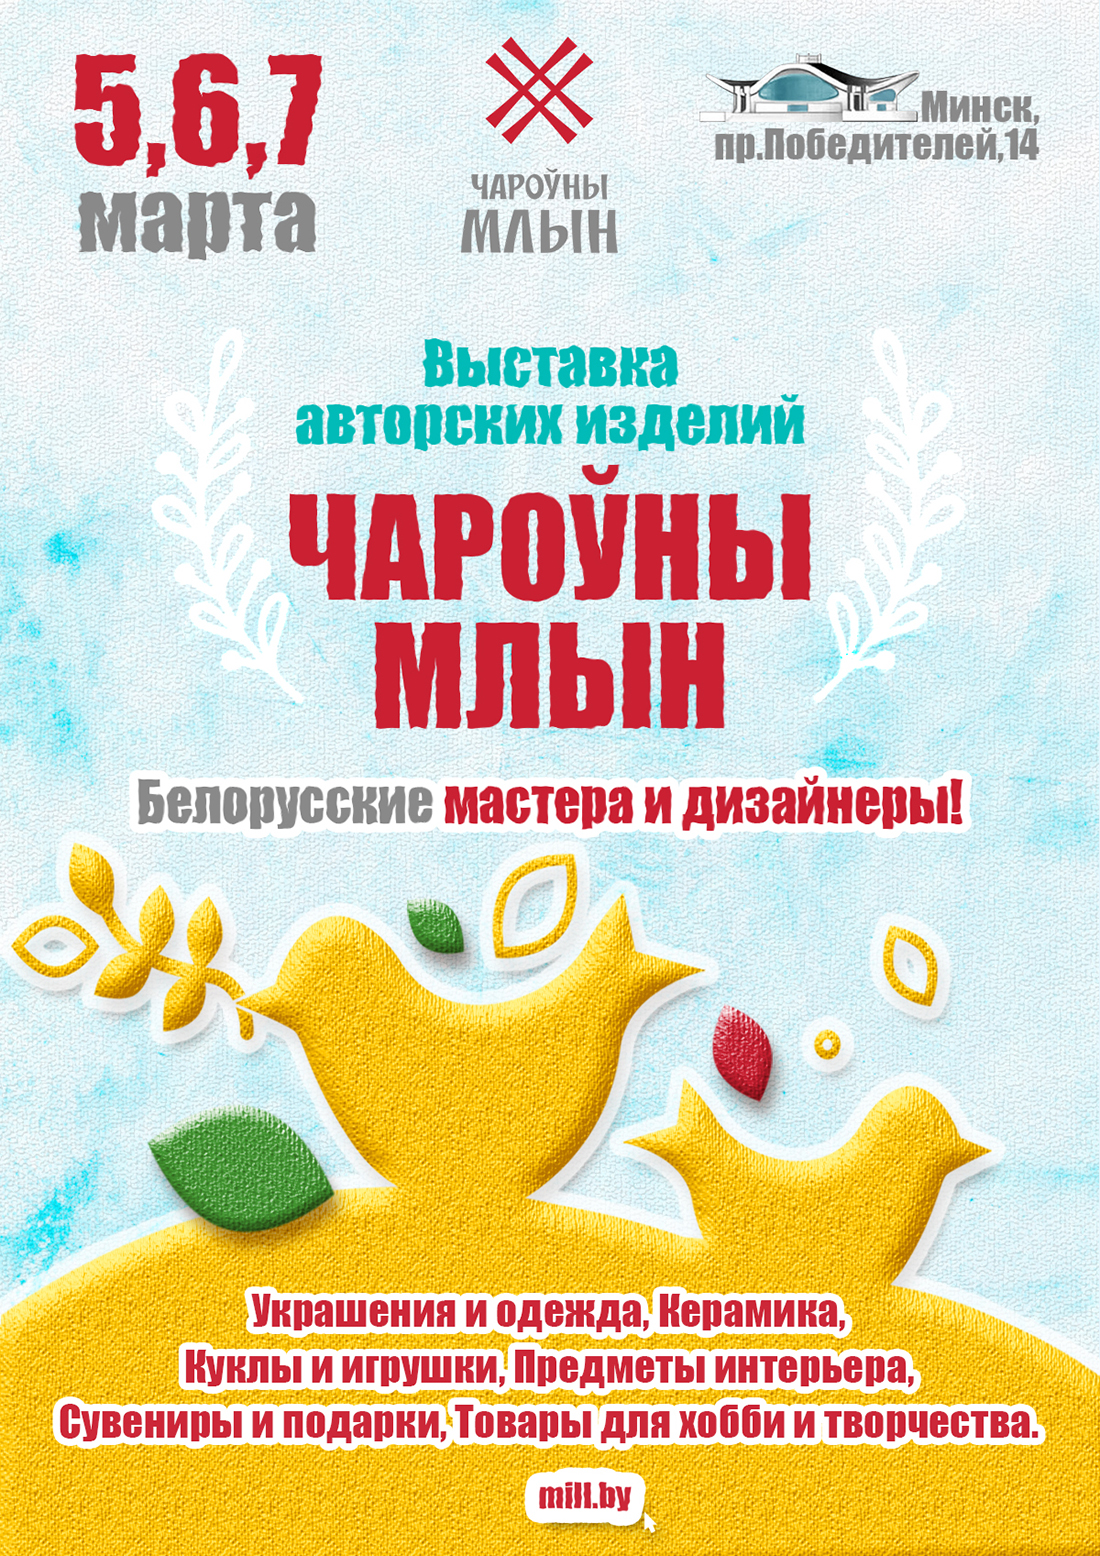 Дизайн-макет афиши выставки ручной работы фото f_38460017eb53eaf8.jpg